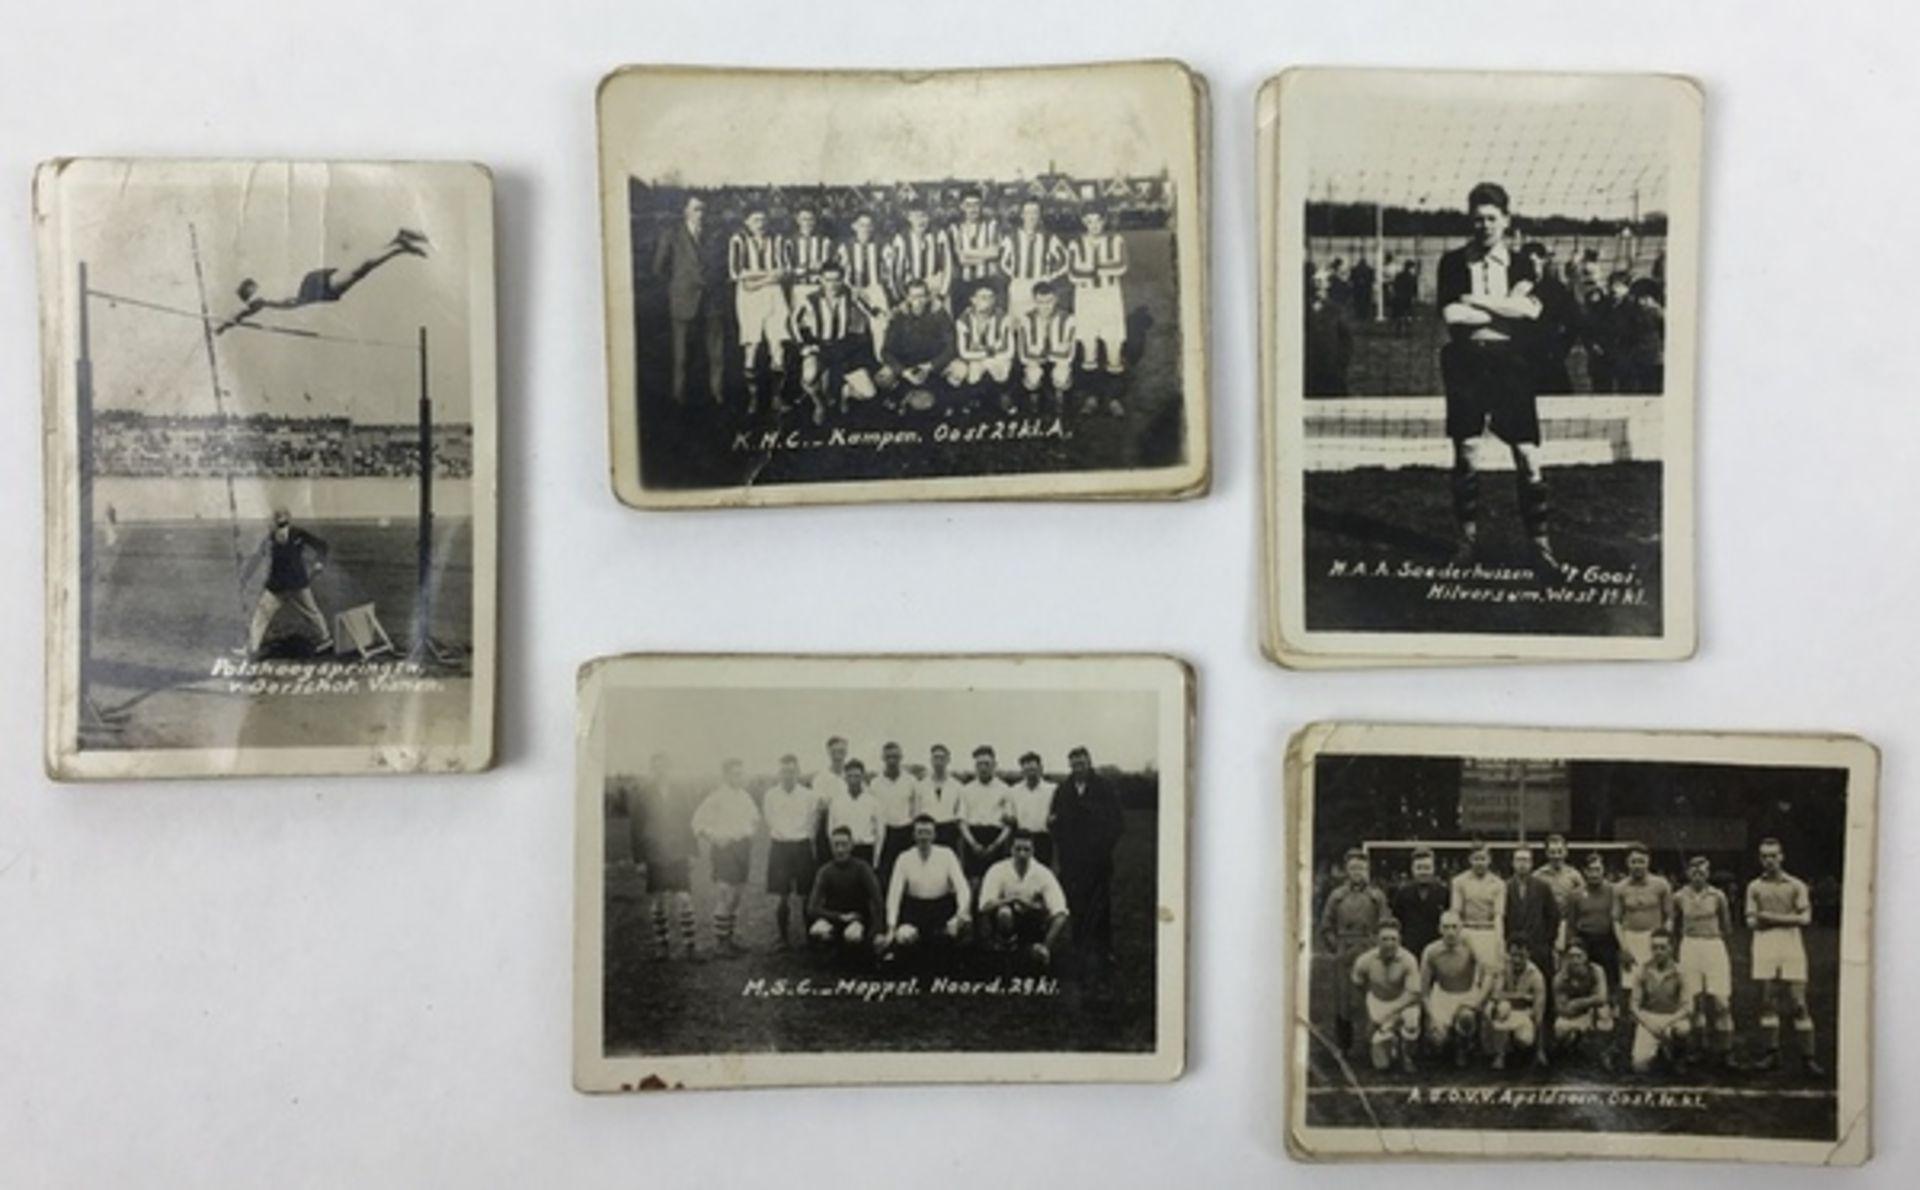 (Curiosa) SportplaatjesDiverse sportplaatjes, voornamelijk voetbal. Conditie: Gebruikssporen. A - Image 5 of 8